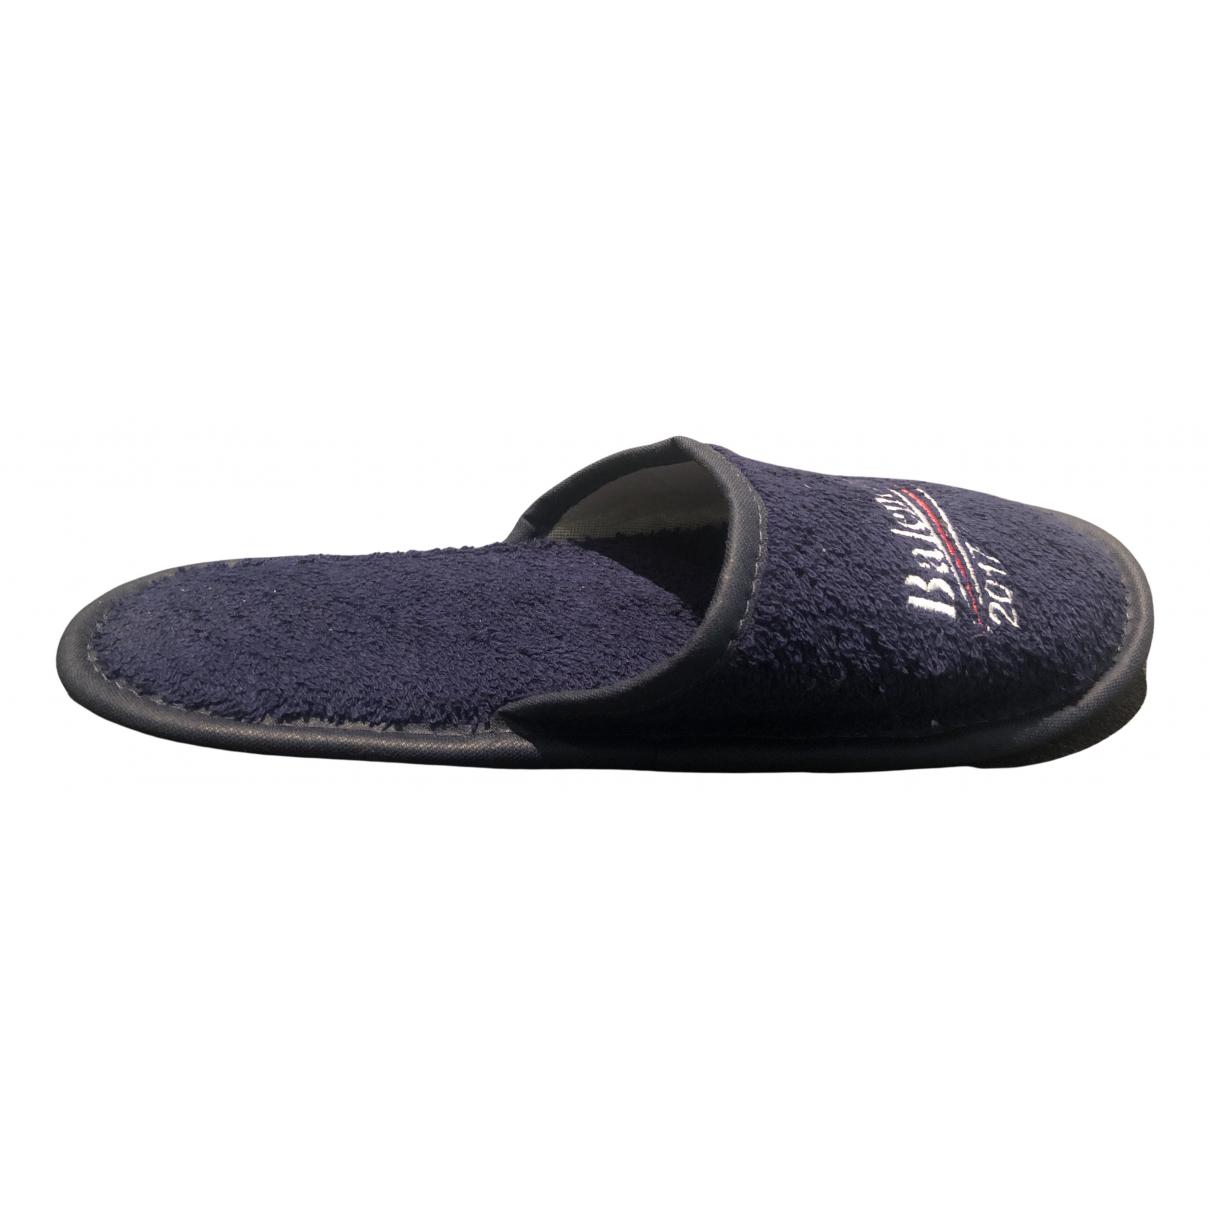 Balenciaga N Blue Sandals for Women 37 EU